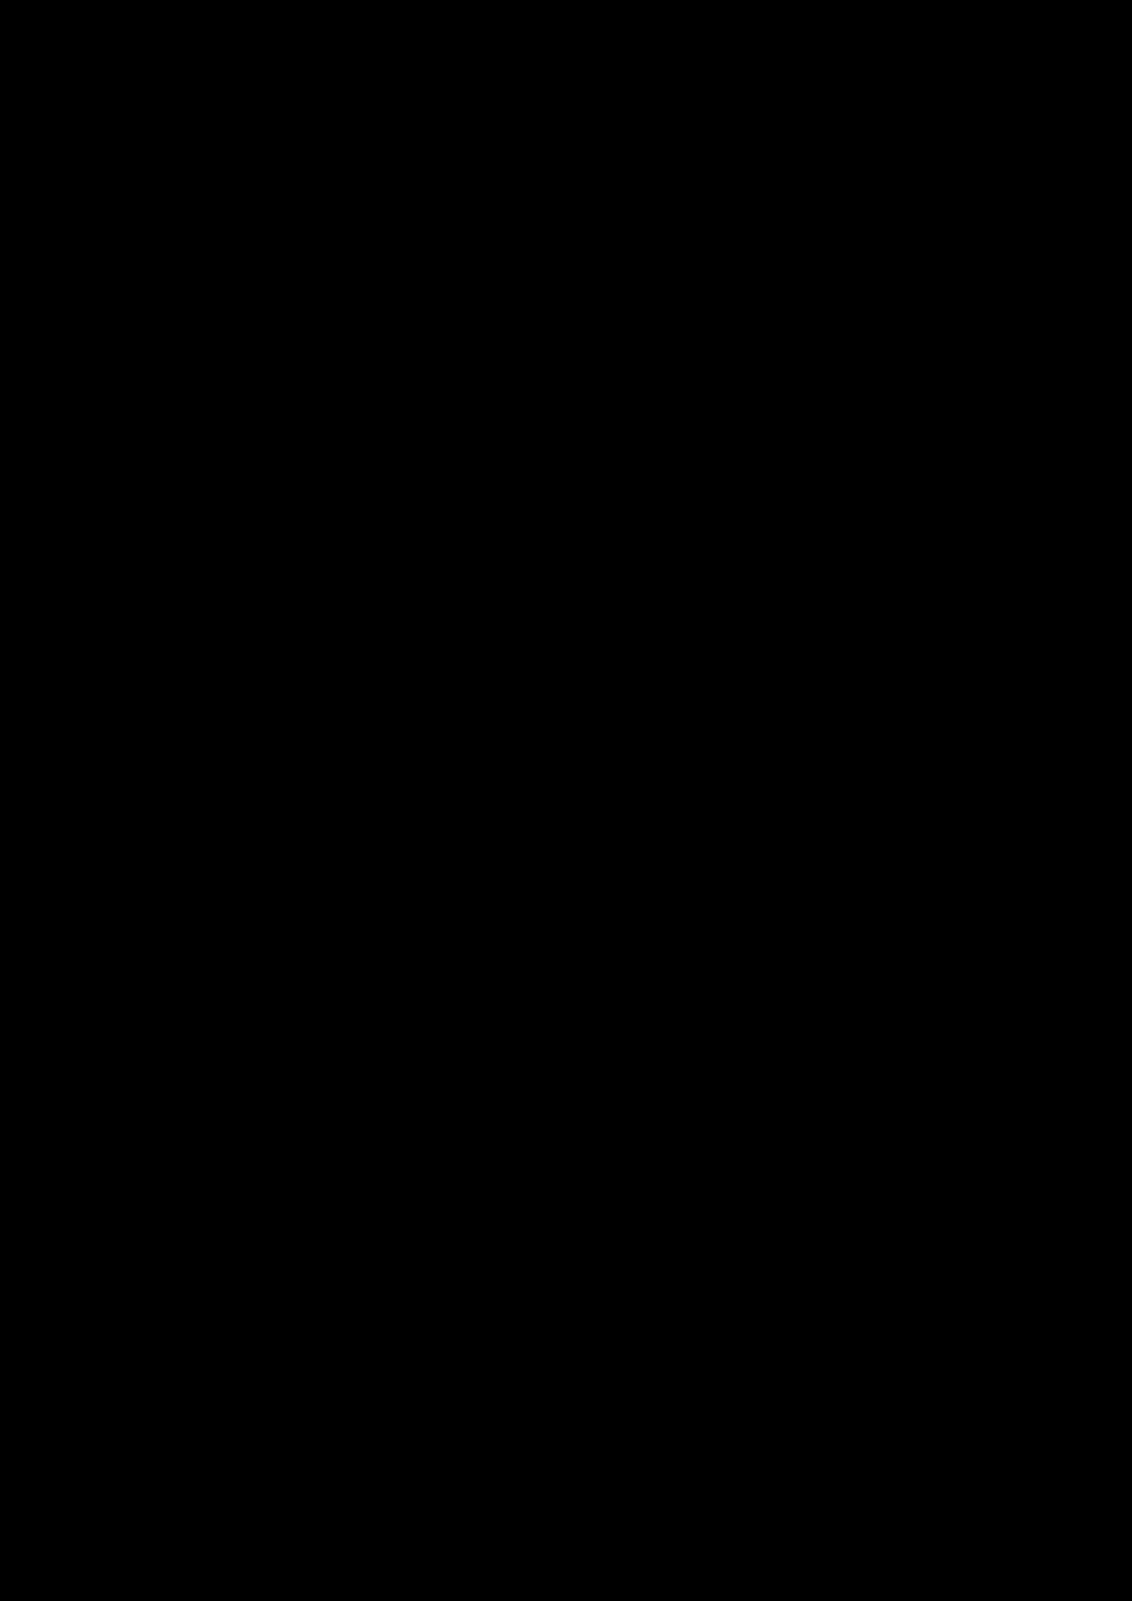 Vyibor Est slide, Image 49